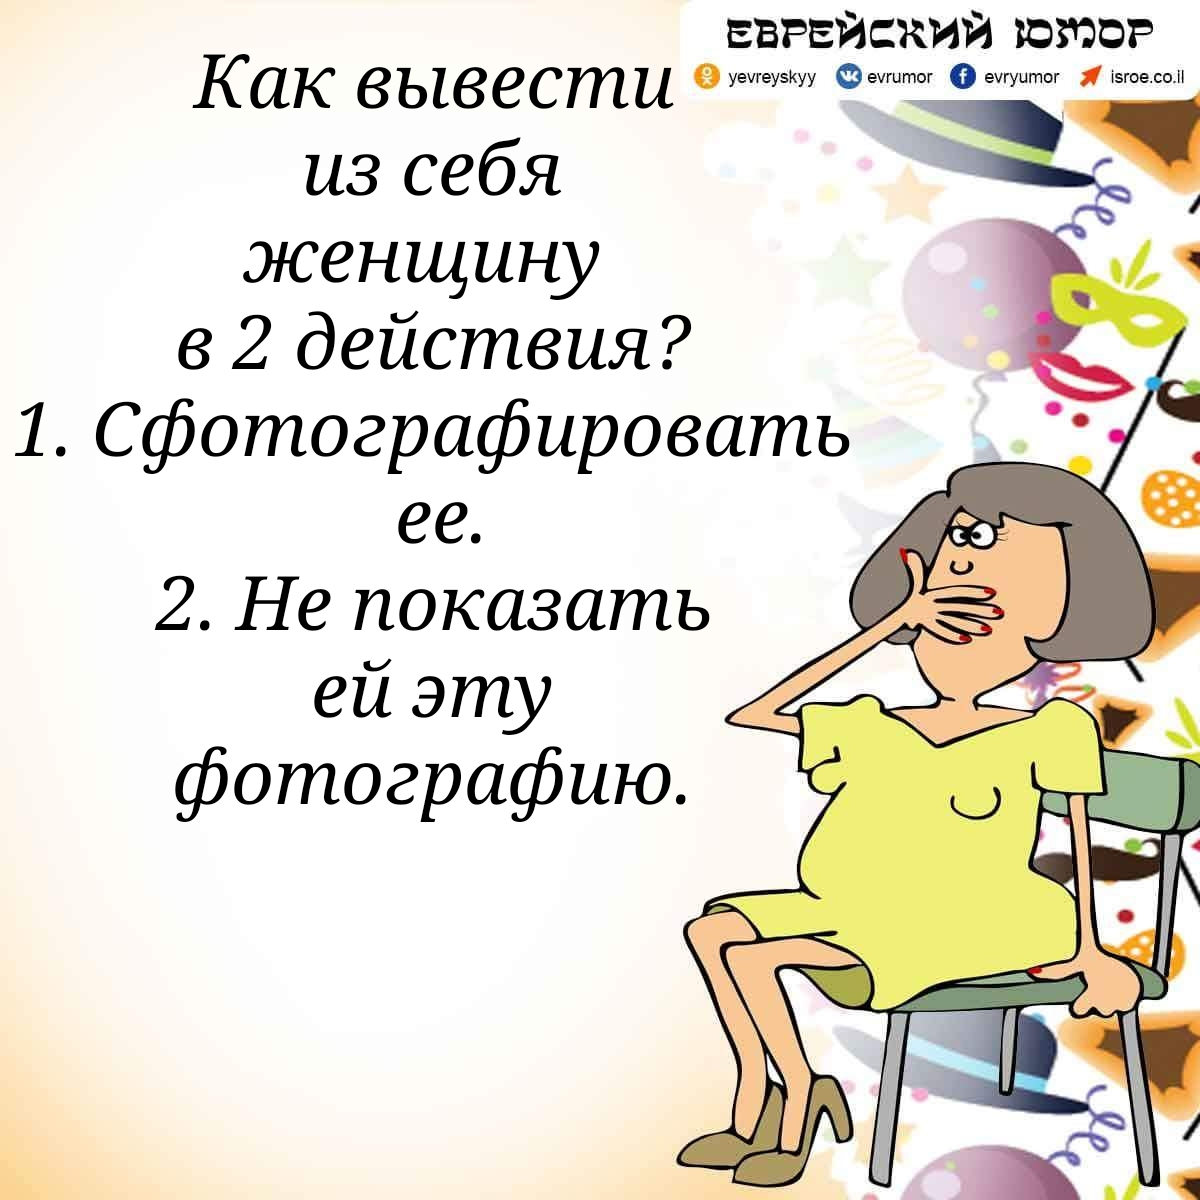 Еврейский юмор. Одесский анекдот. Как вывести из себя женщину...